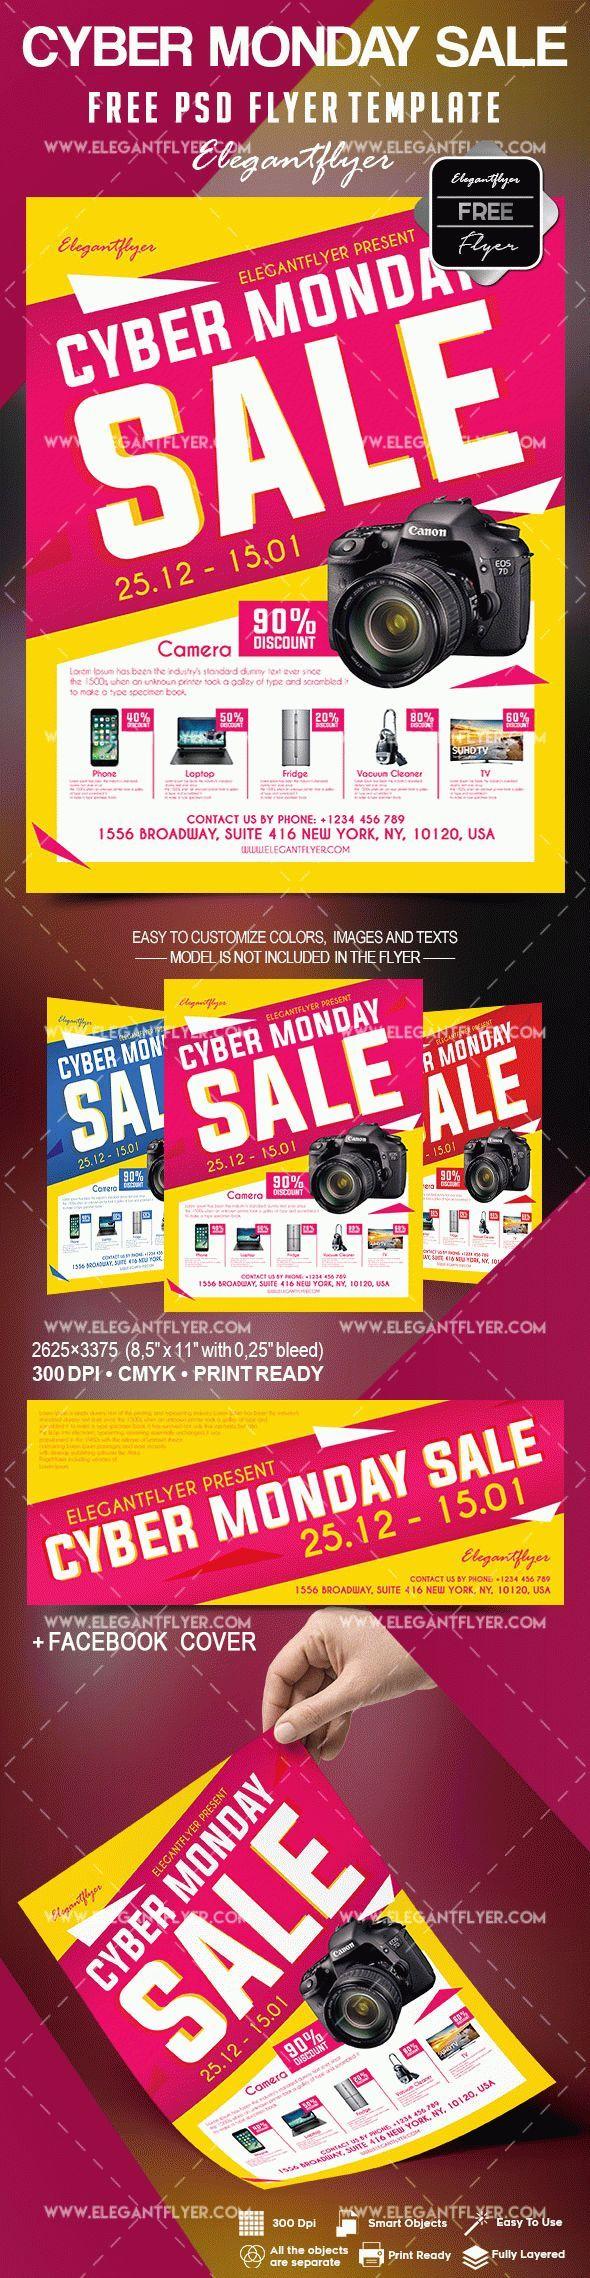 https://www.elegantflyer.com/free-flyers/free-cyber-monday-sale-flyer-template/